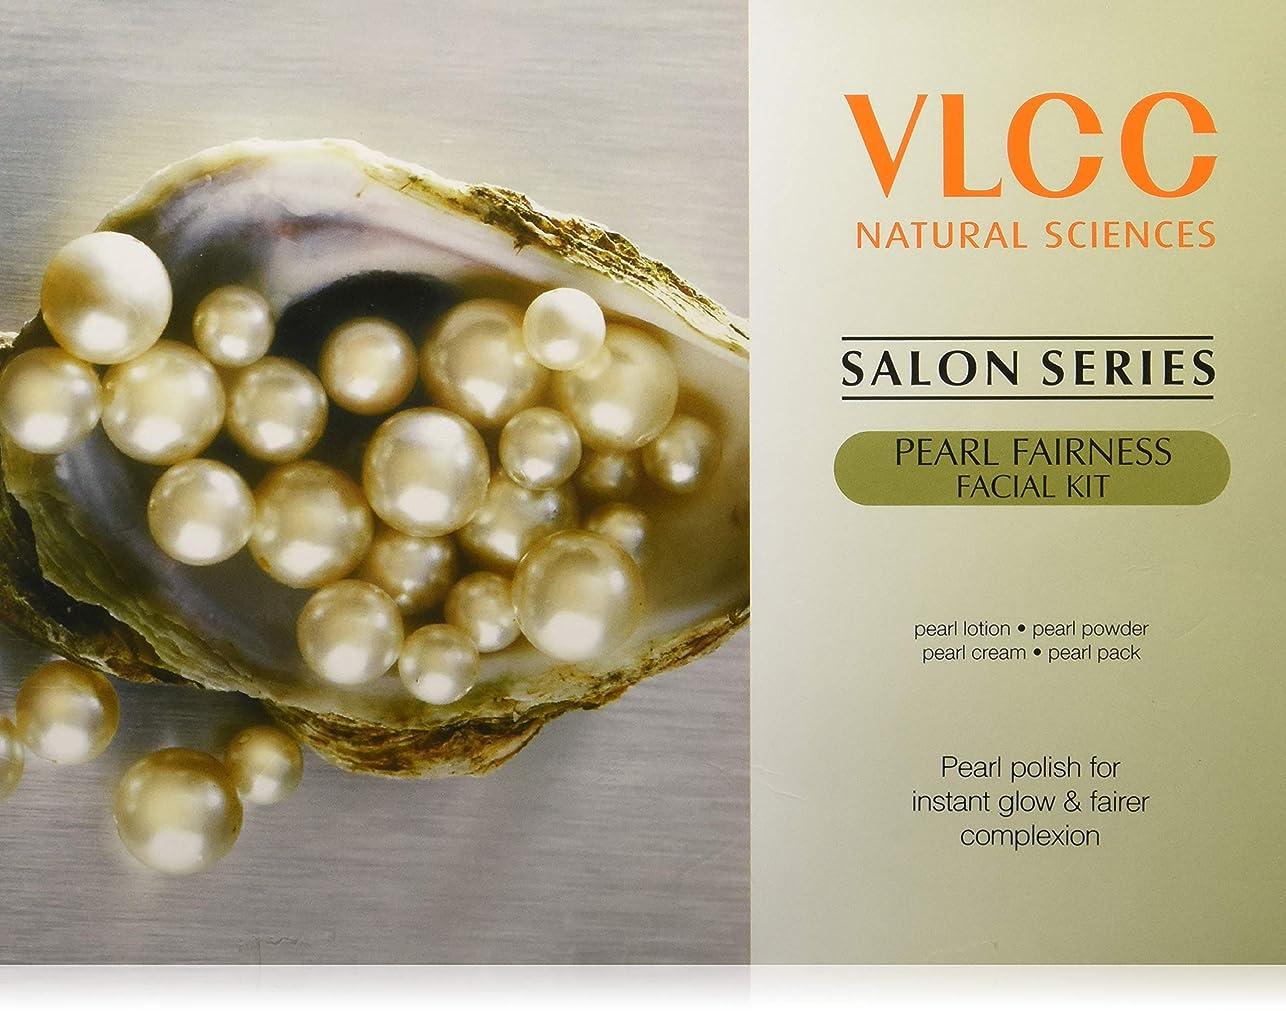 ショルダー海藻繰り返したVLCC Salon Series Pearl Fairness Facial Kit, 240g